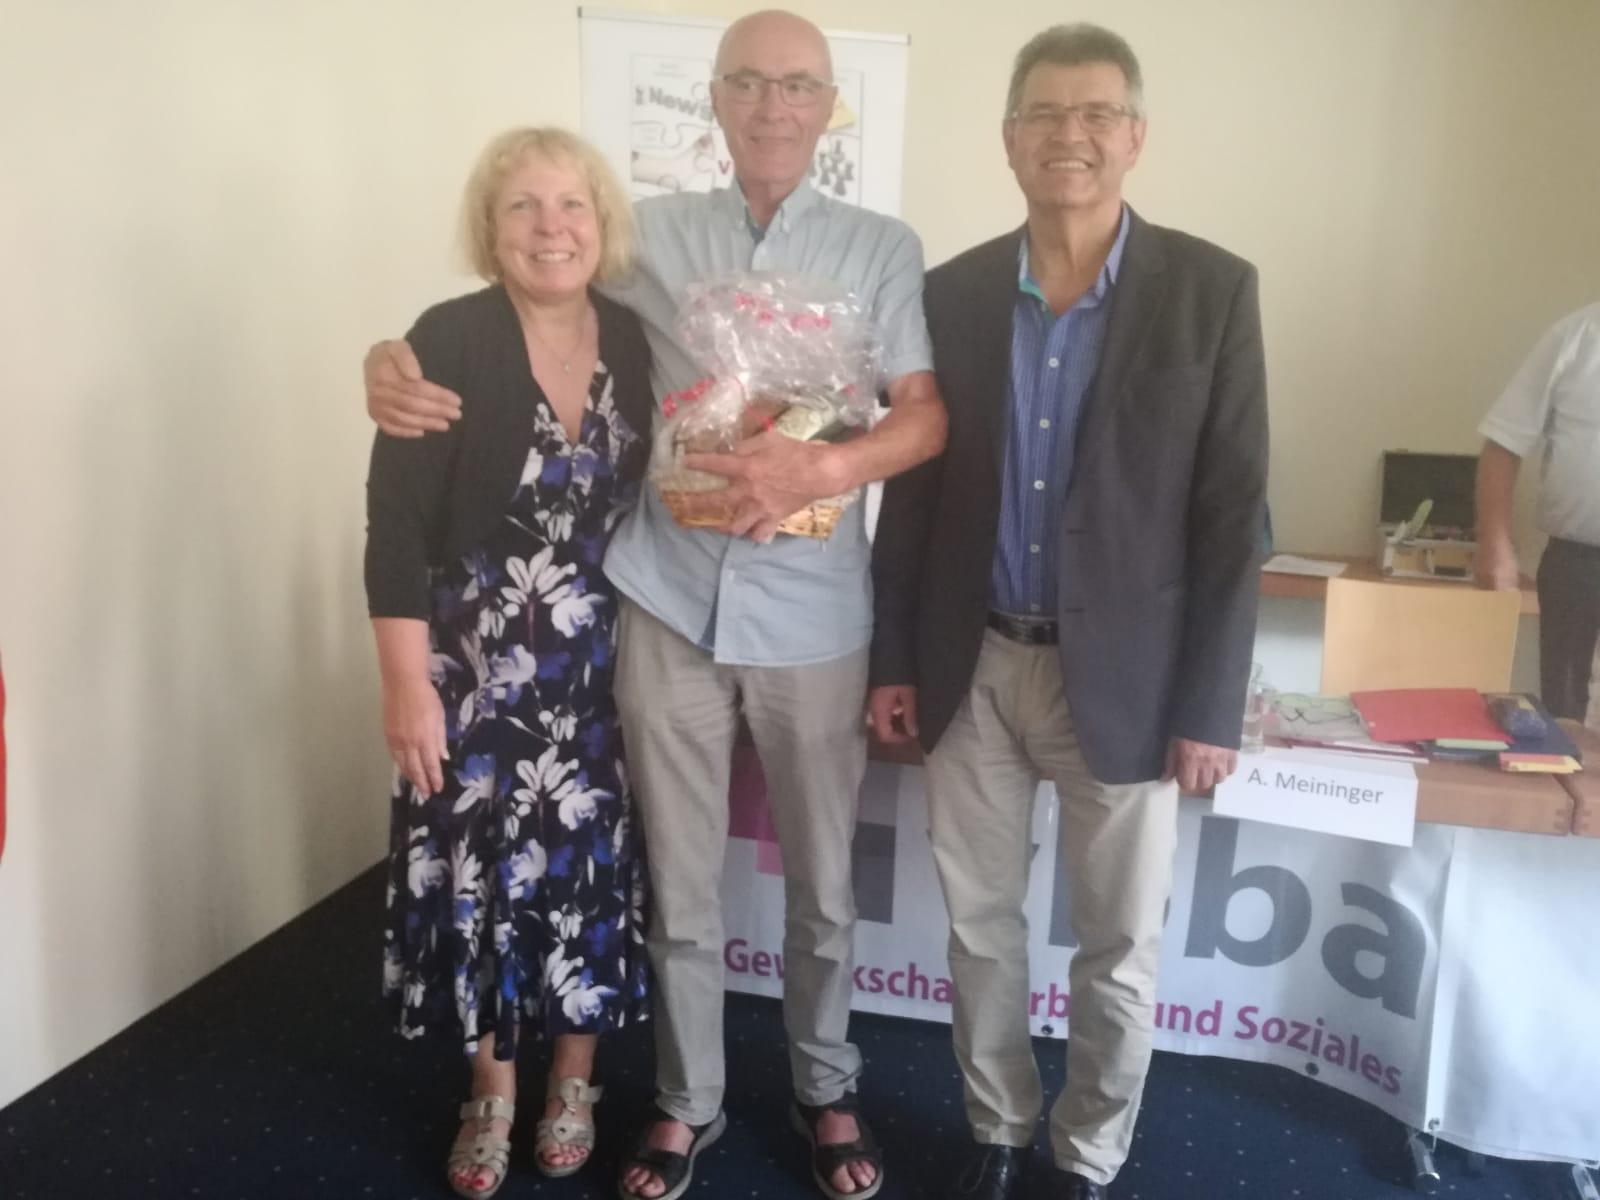 Die Jubilare Andrea Meininger, 40 Jahre vbba und Otmar Schad langjähriger Schriftführer LV mit dem BV Waldemar Dombrowski.